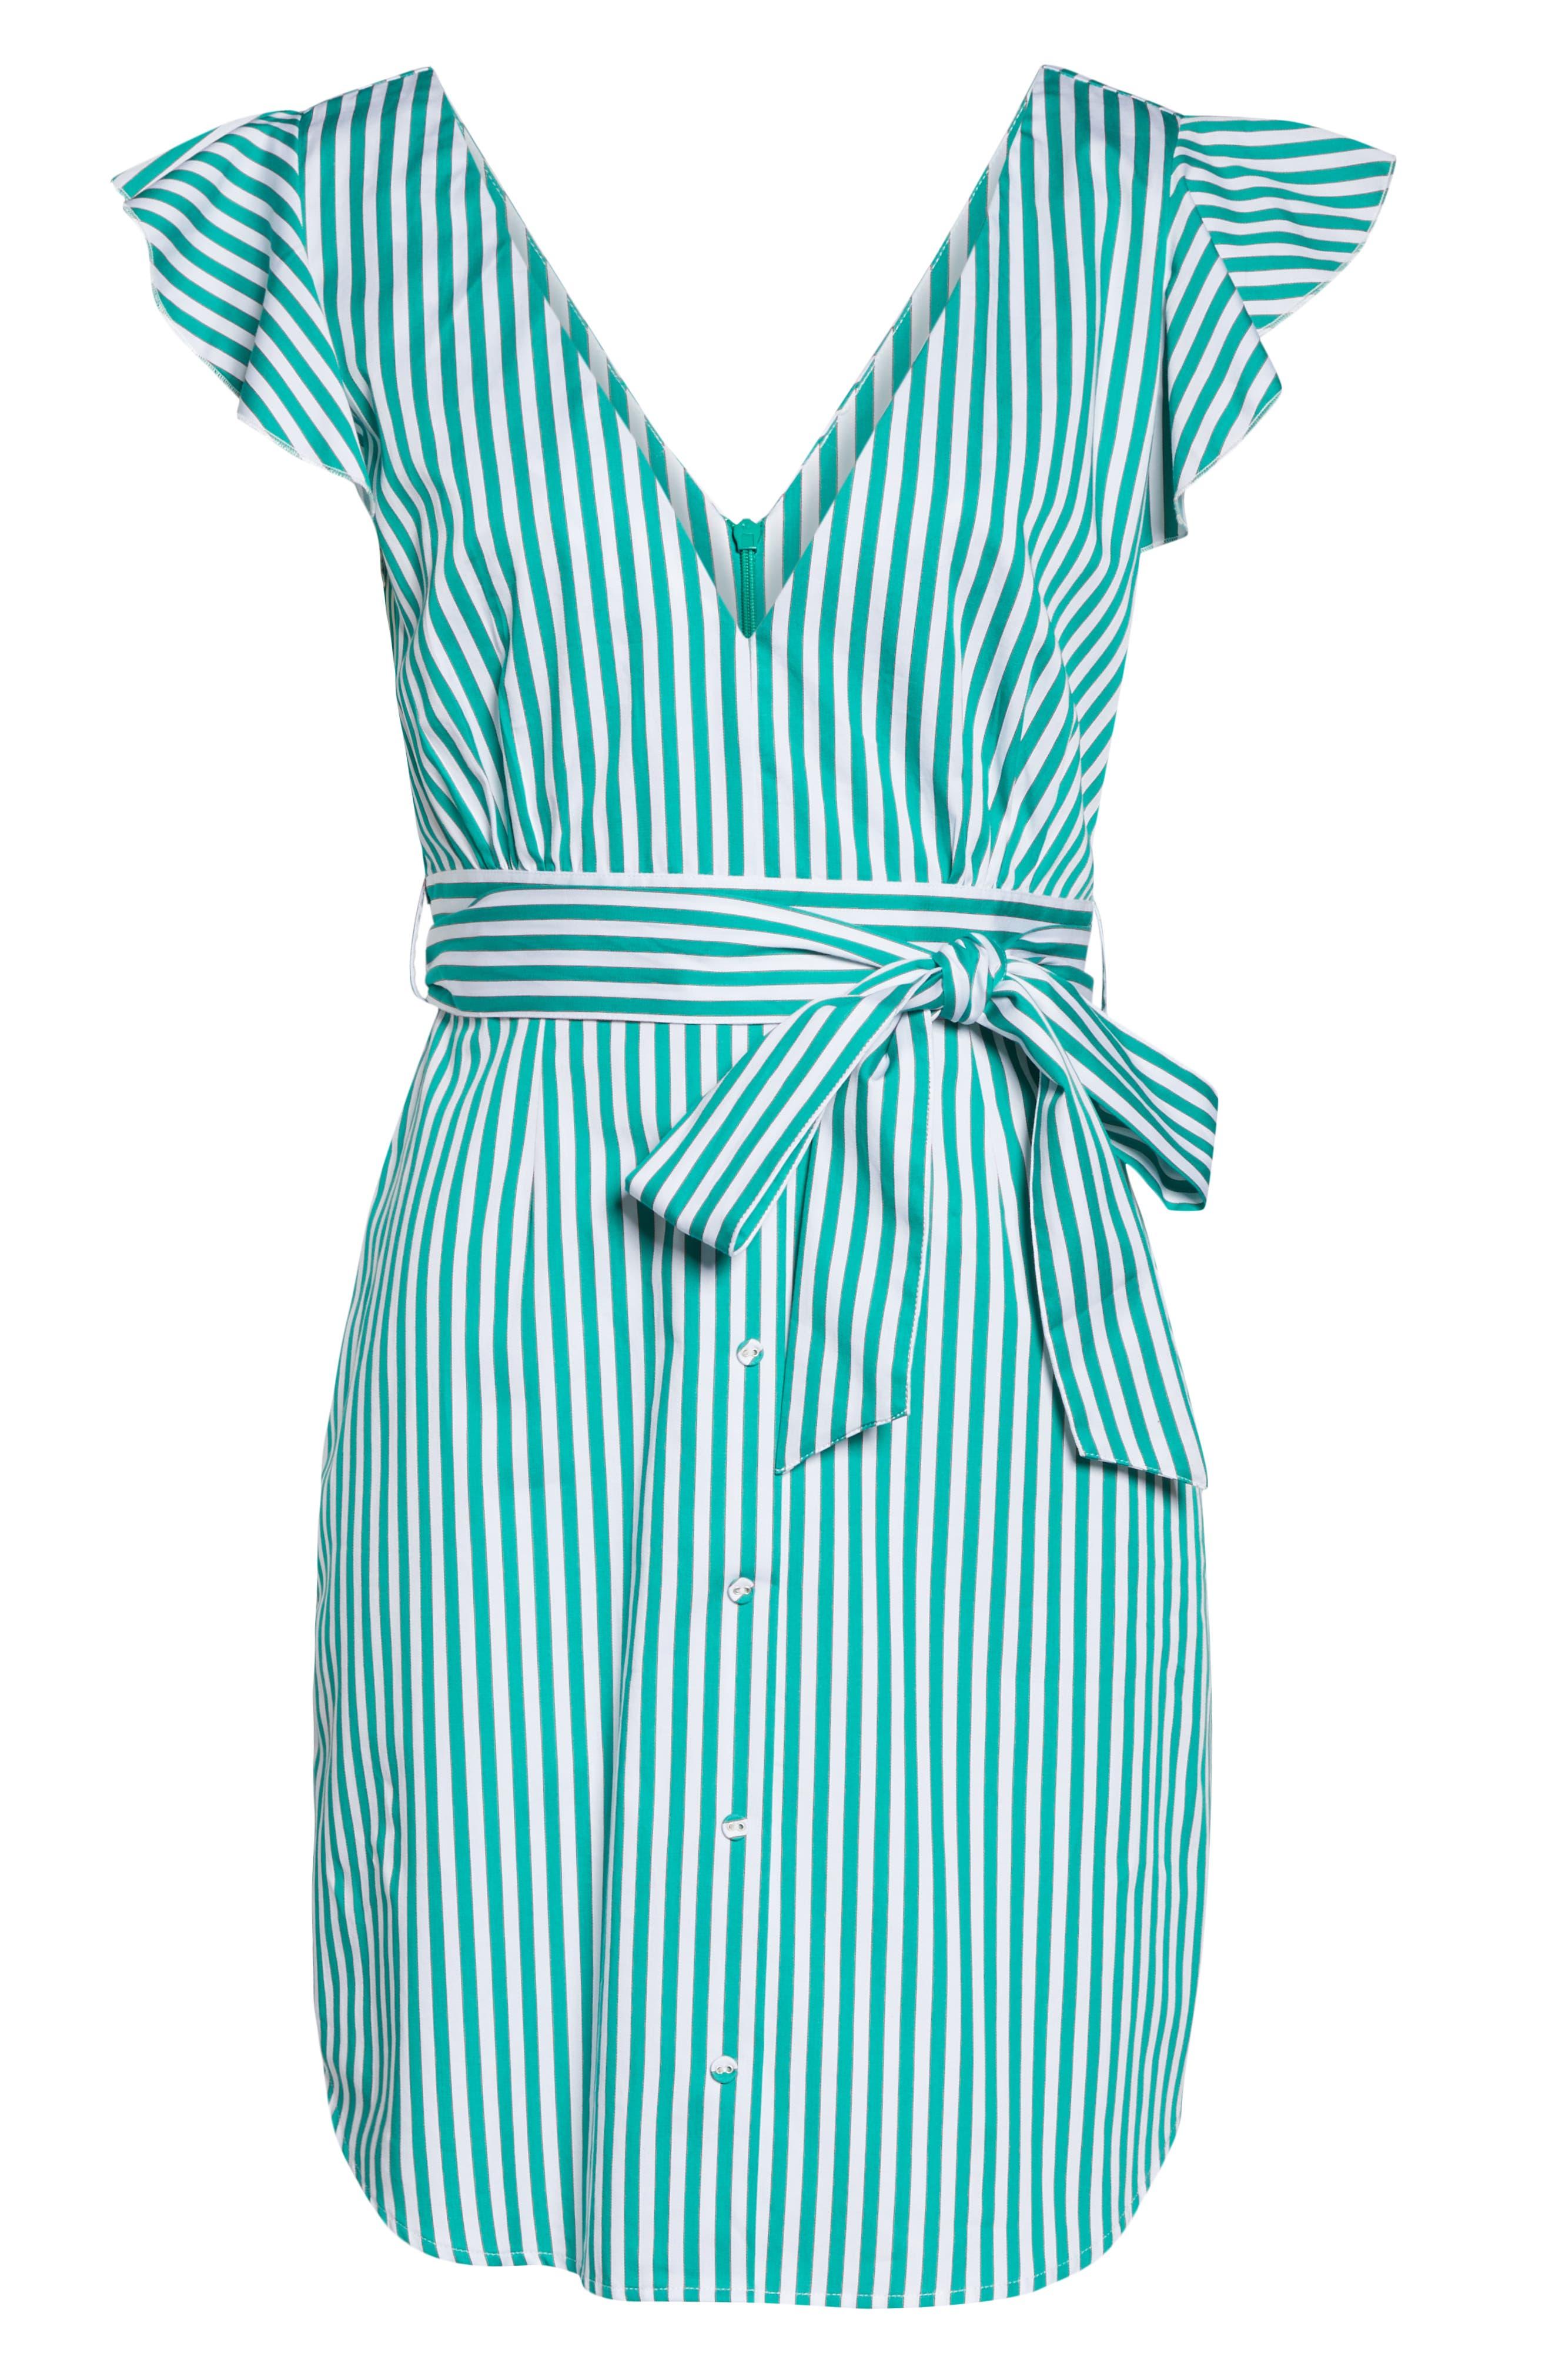 BB DAKOTA, Peppermint Stripe Dress, Alternate thumbnail 7, color, MISTY JADE